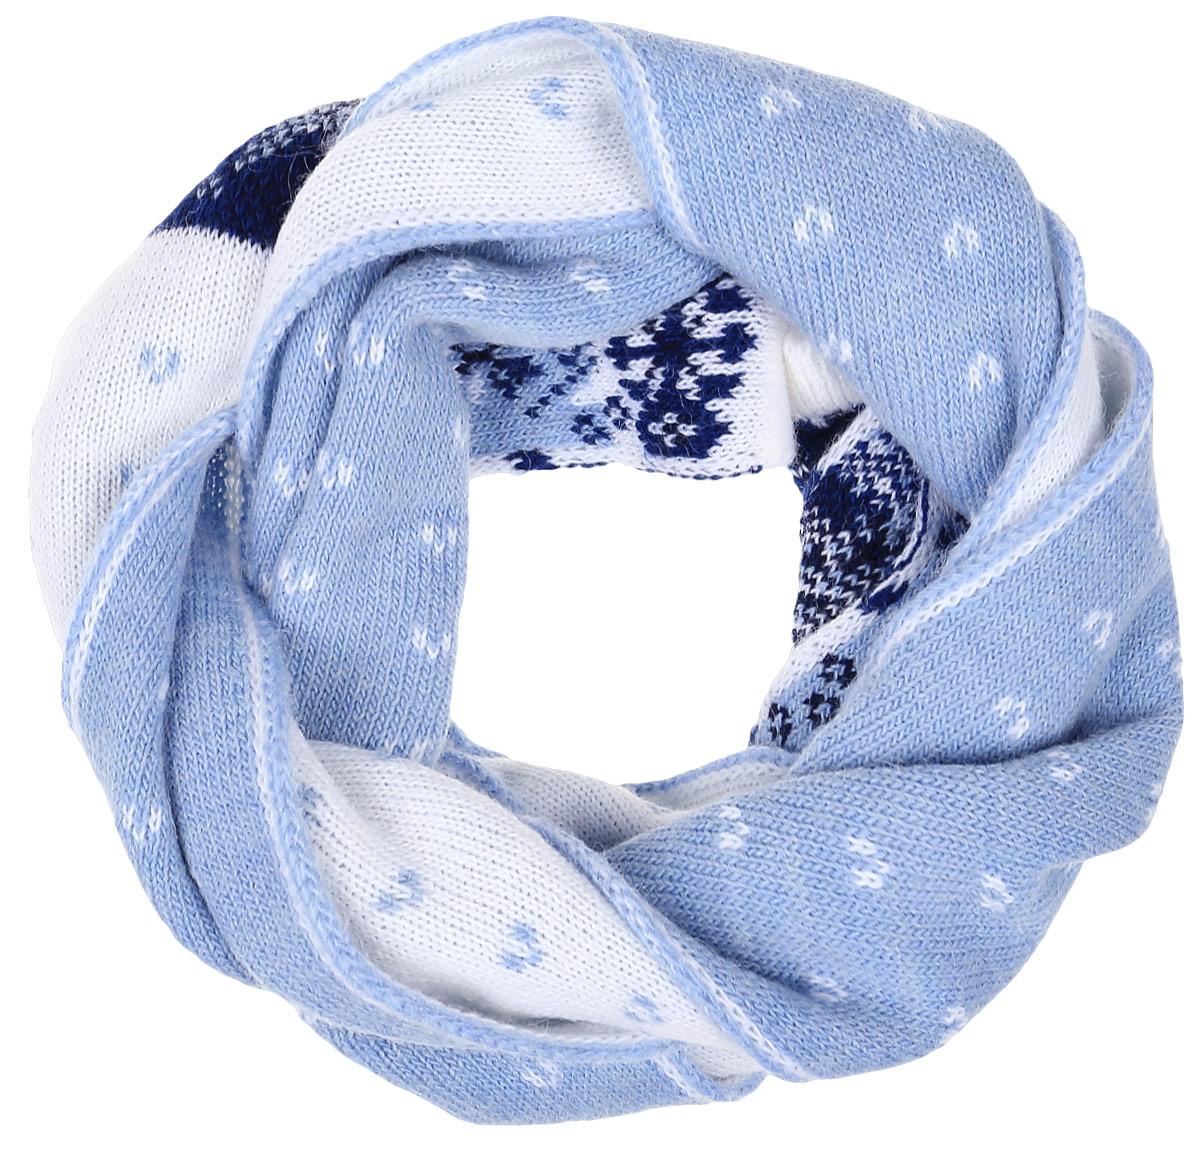 ШарфW16-12126_101Теплый женский шарф Finn Flare станет достойным завершением вашего образа. Шарф изготовлен из сочетания высококачественных материалов. Модель оформлена контрастным принтом с узорами.